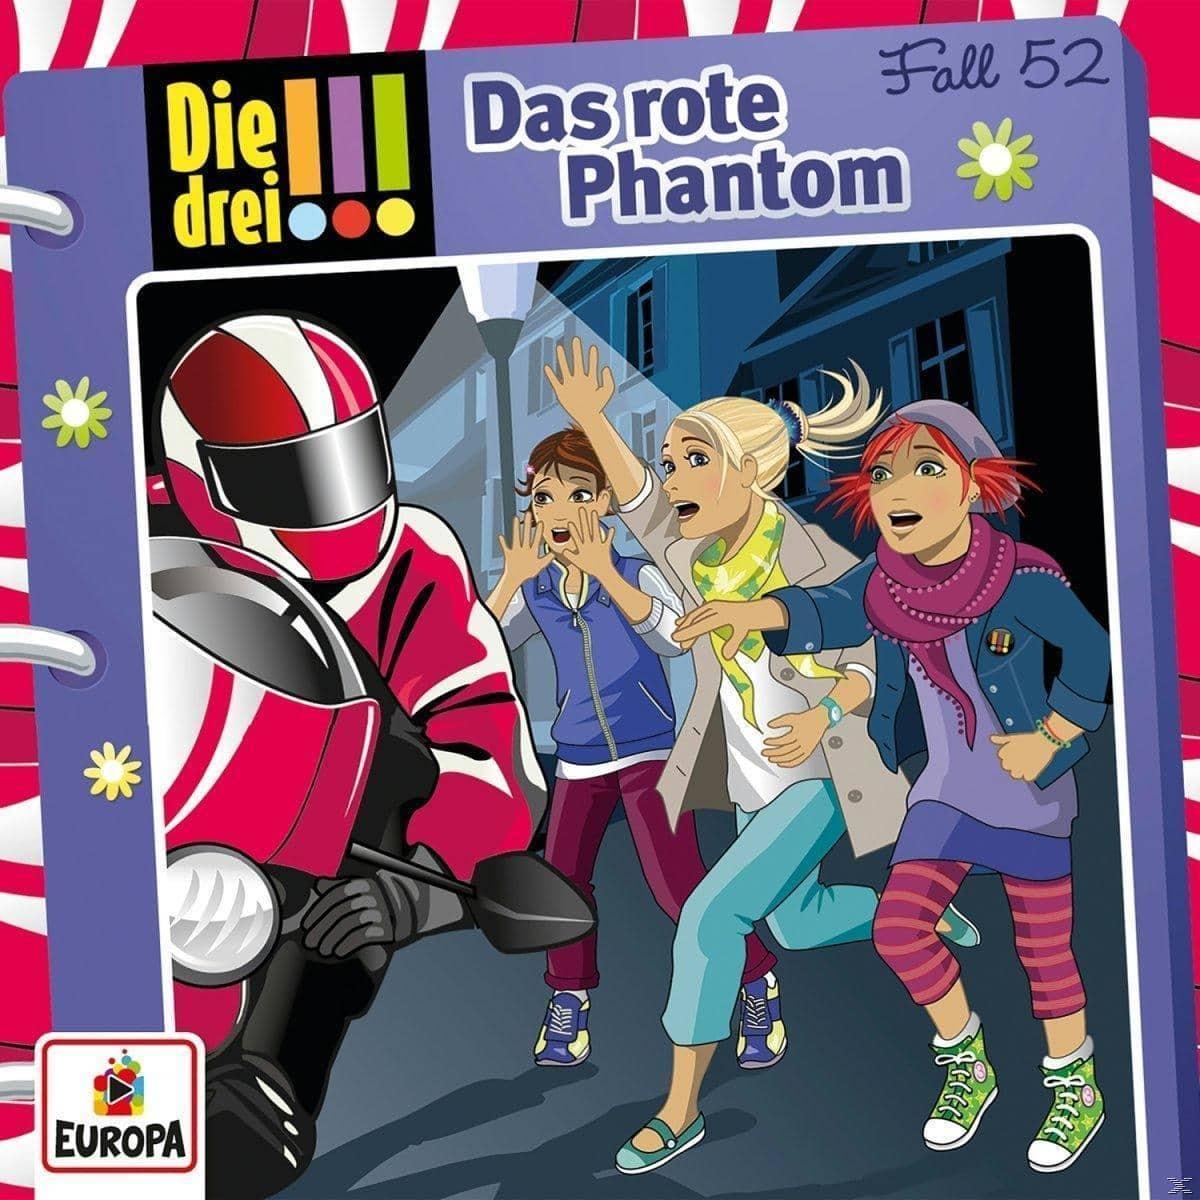 Die drei !!! Das rote Phantom (52) (CD(s)) für 7,49 Euro